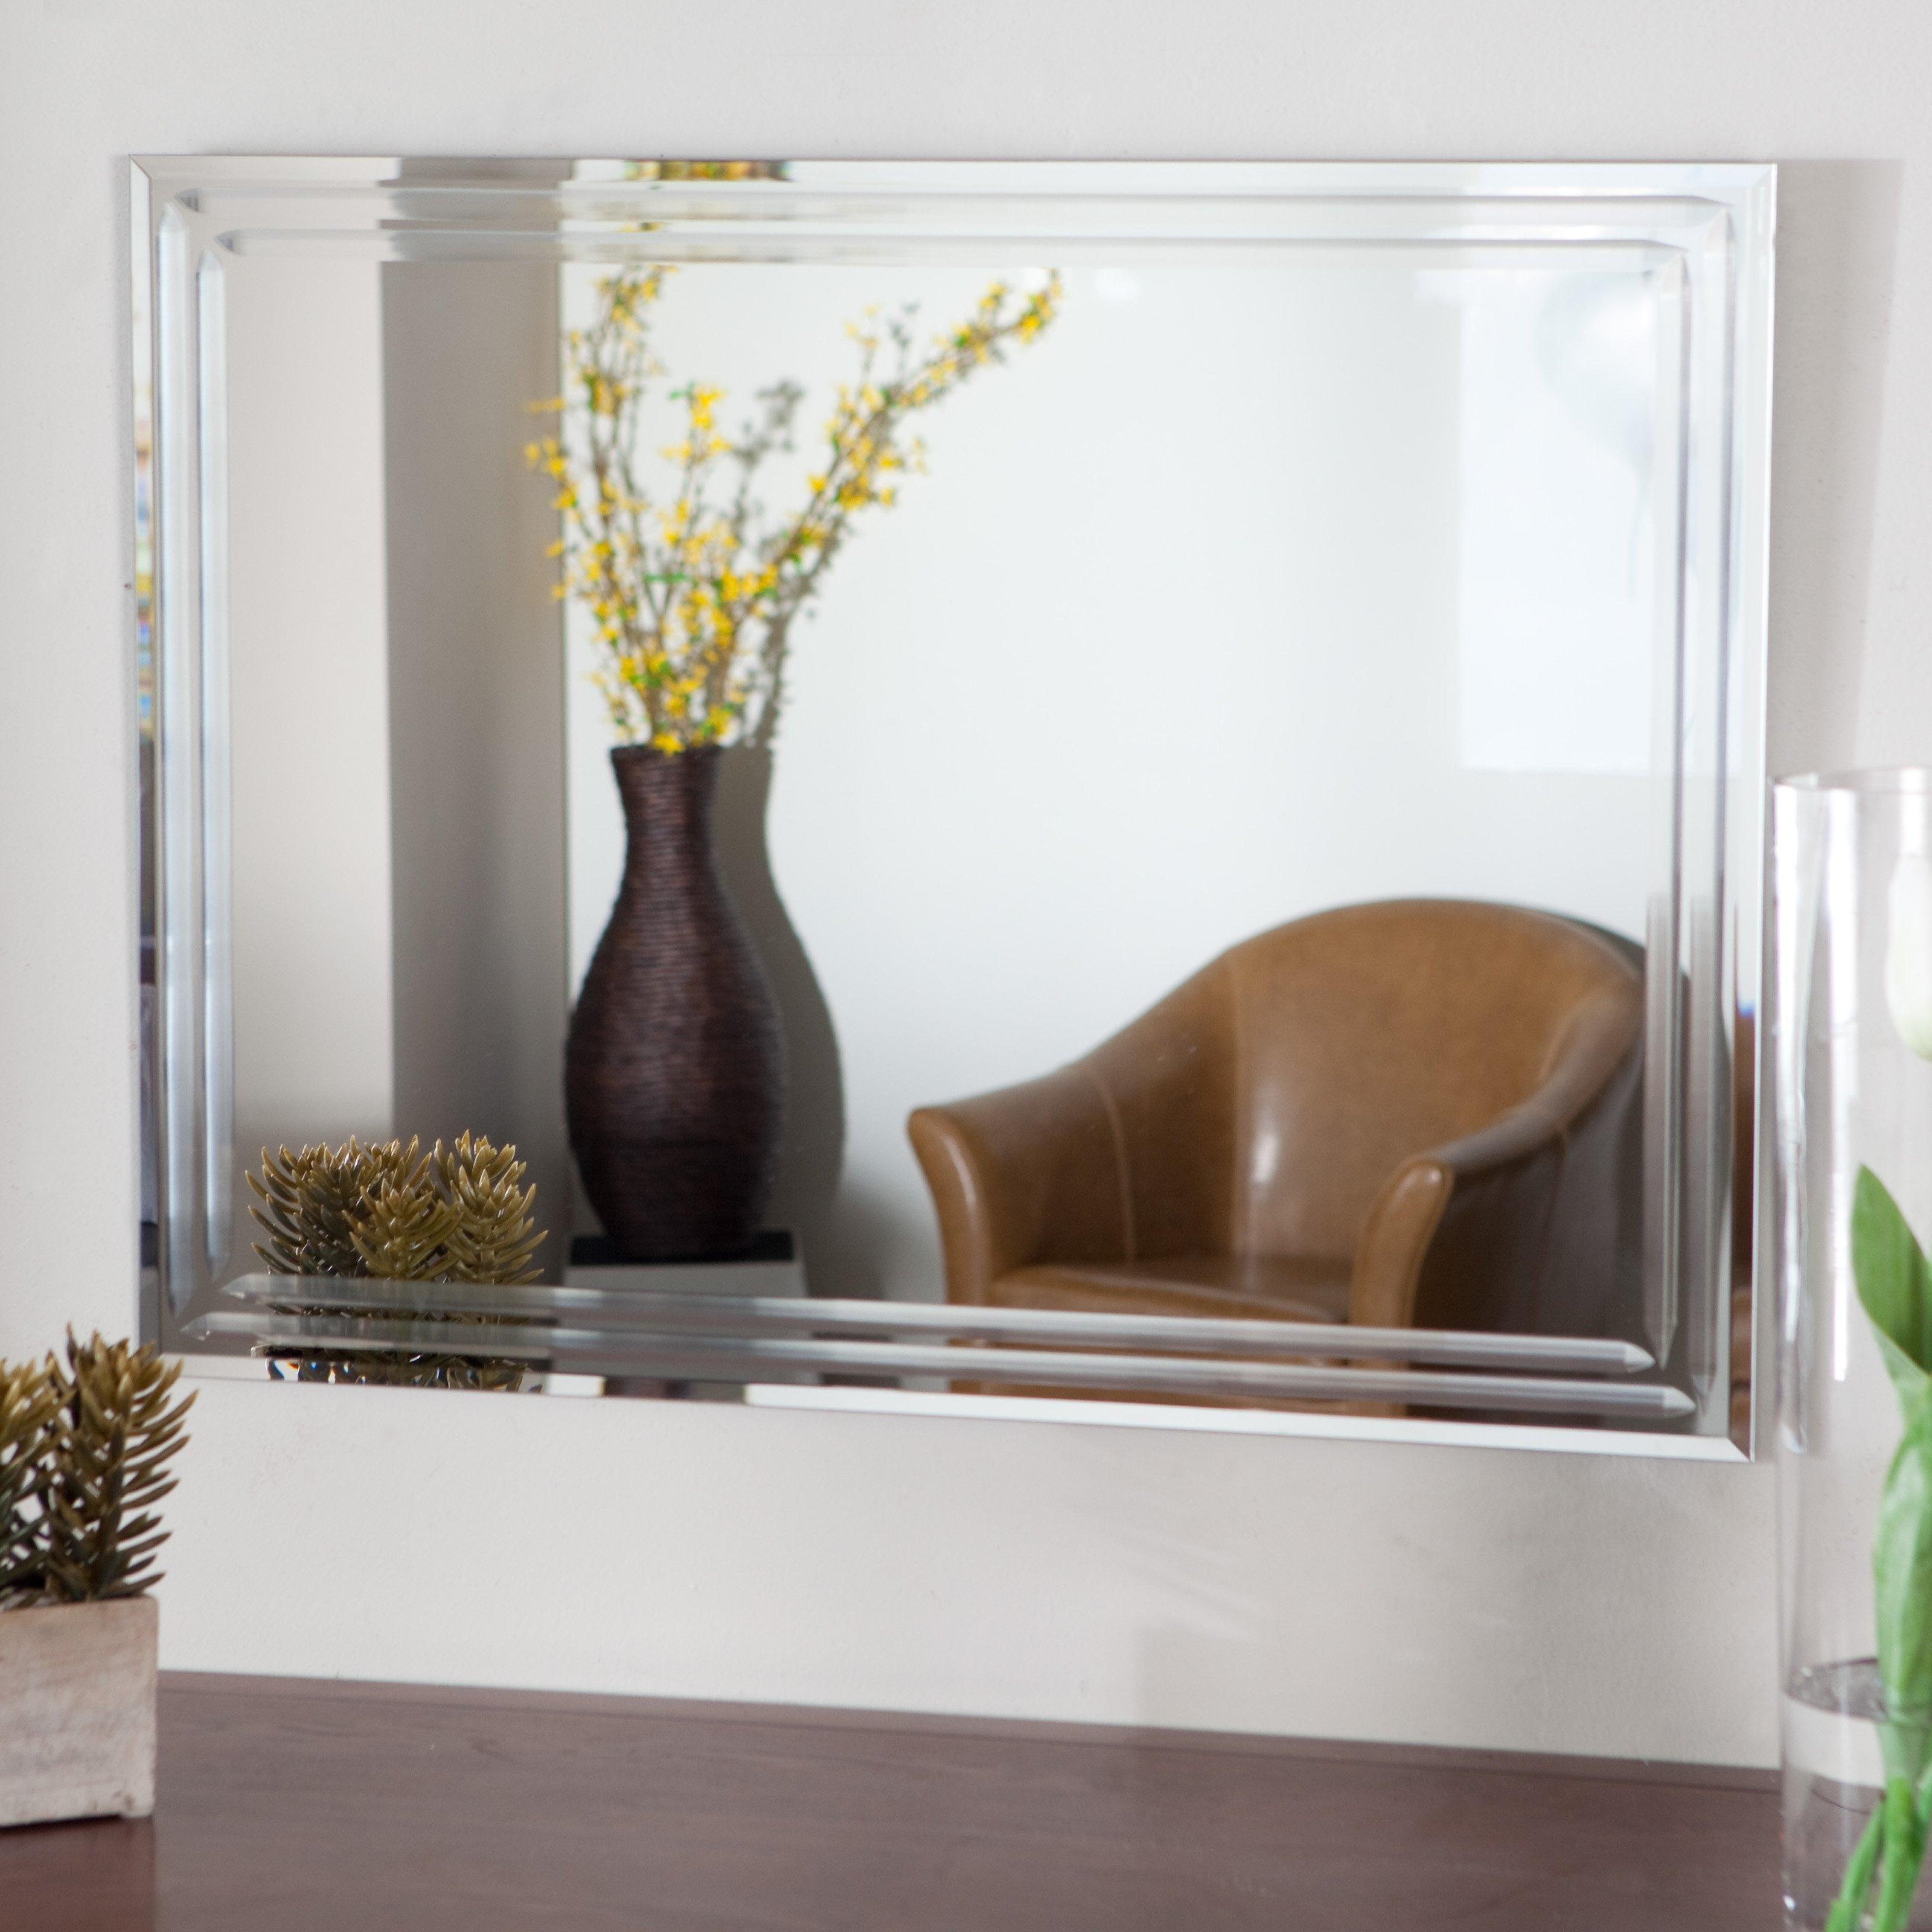 Beveled Bathroom Mirror Framelessbathroom light up your home with frameless beveled mirror